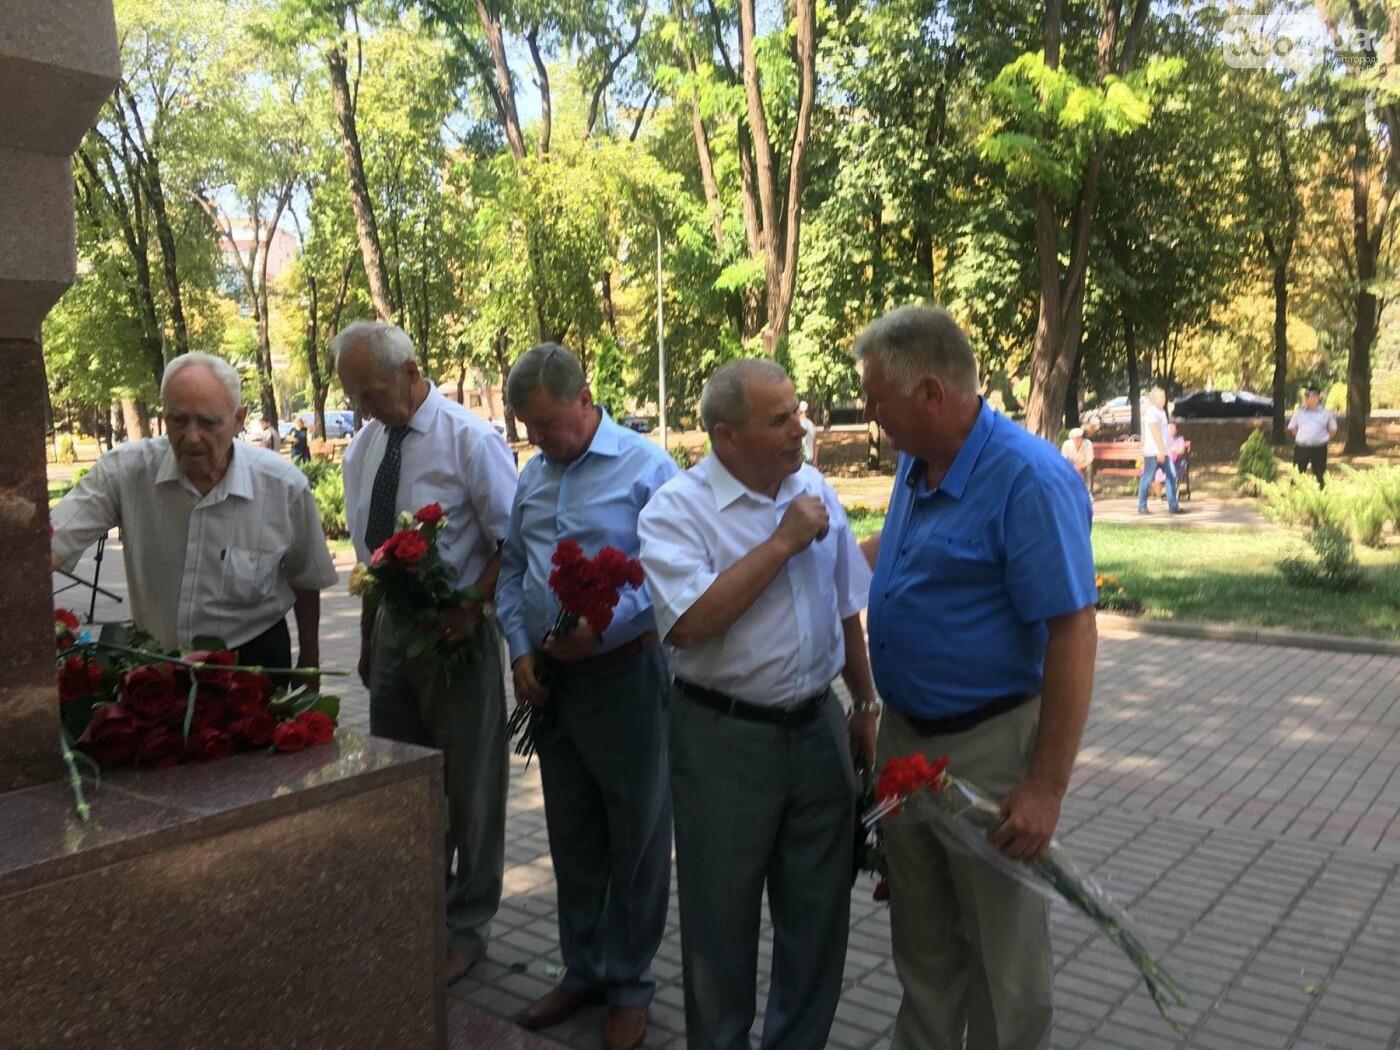 Руководство города и депутаты возложили цветы к памятнику погибшим в АТО Героям, - ФОТО, ВИДЕО, фото-7